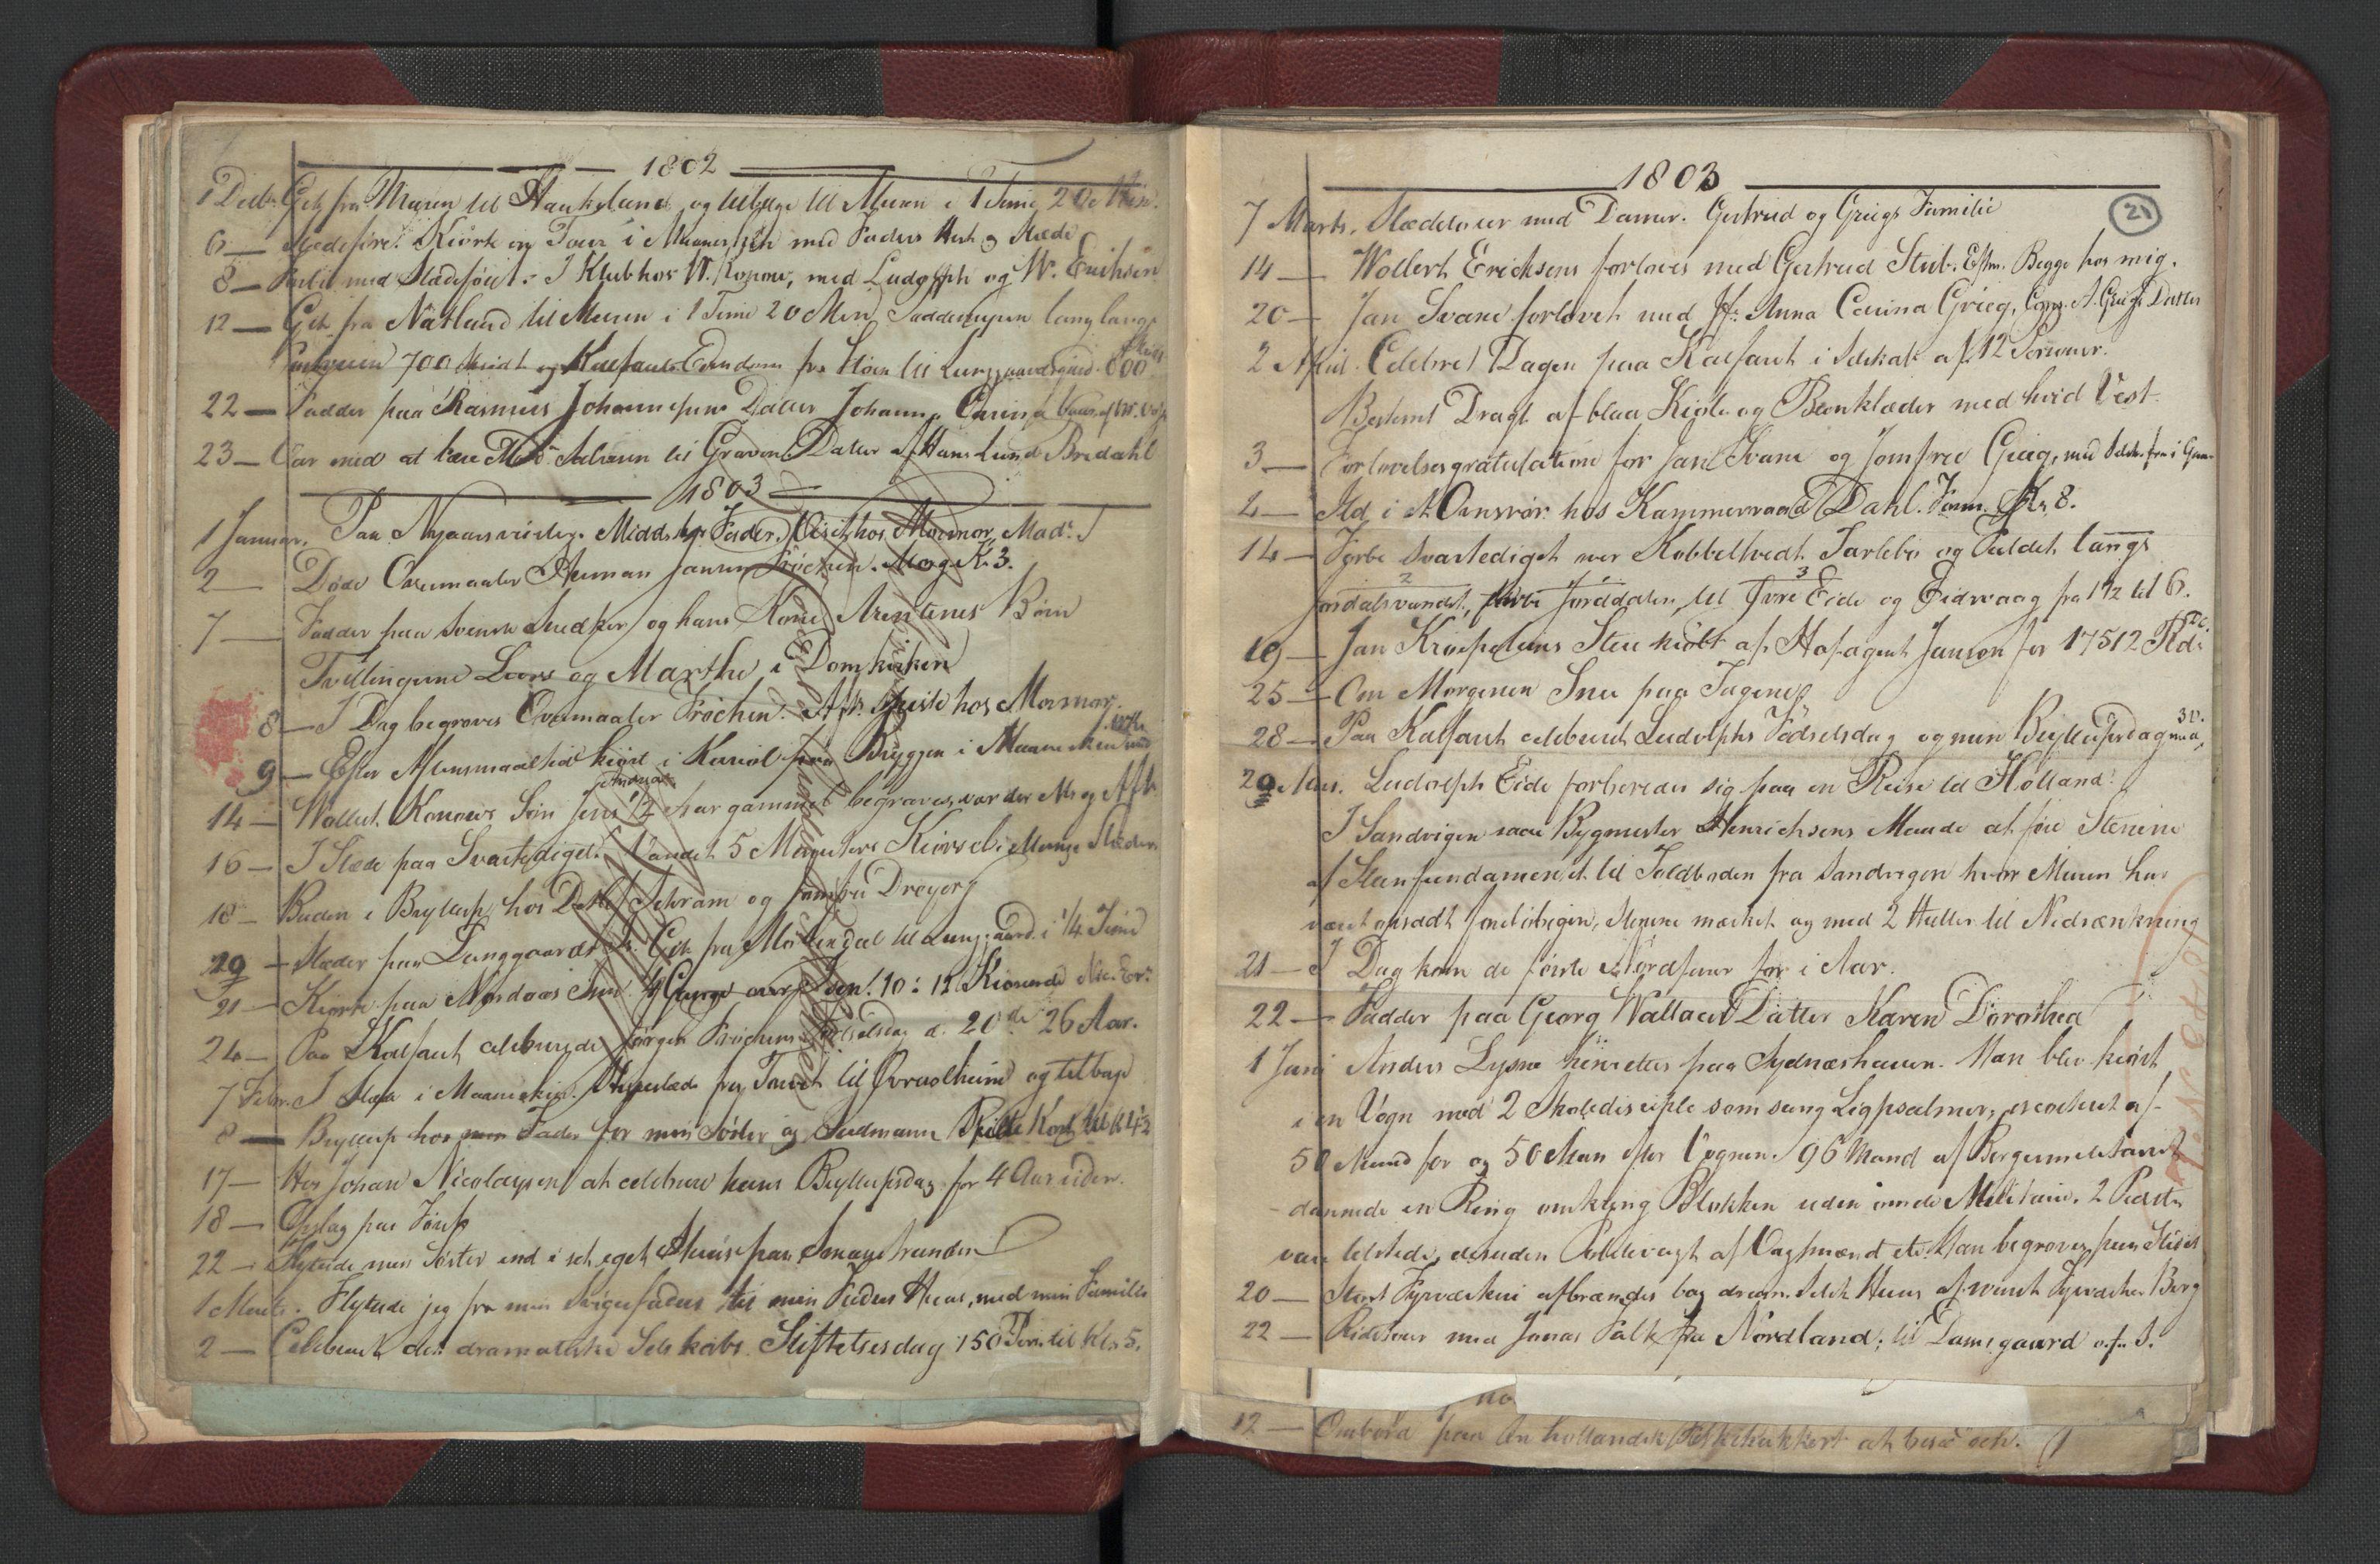 RA, Meltzer, Fredrik, F/L0002: Dagbok, 1796-1808, s. 20b-21a